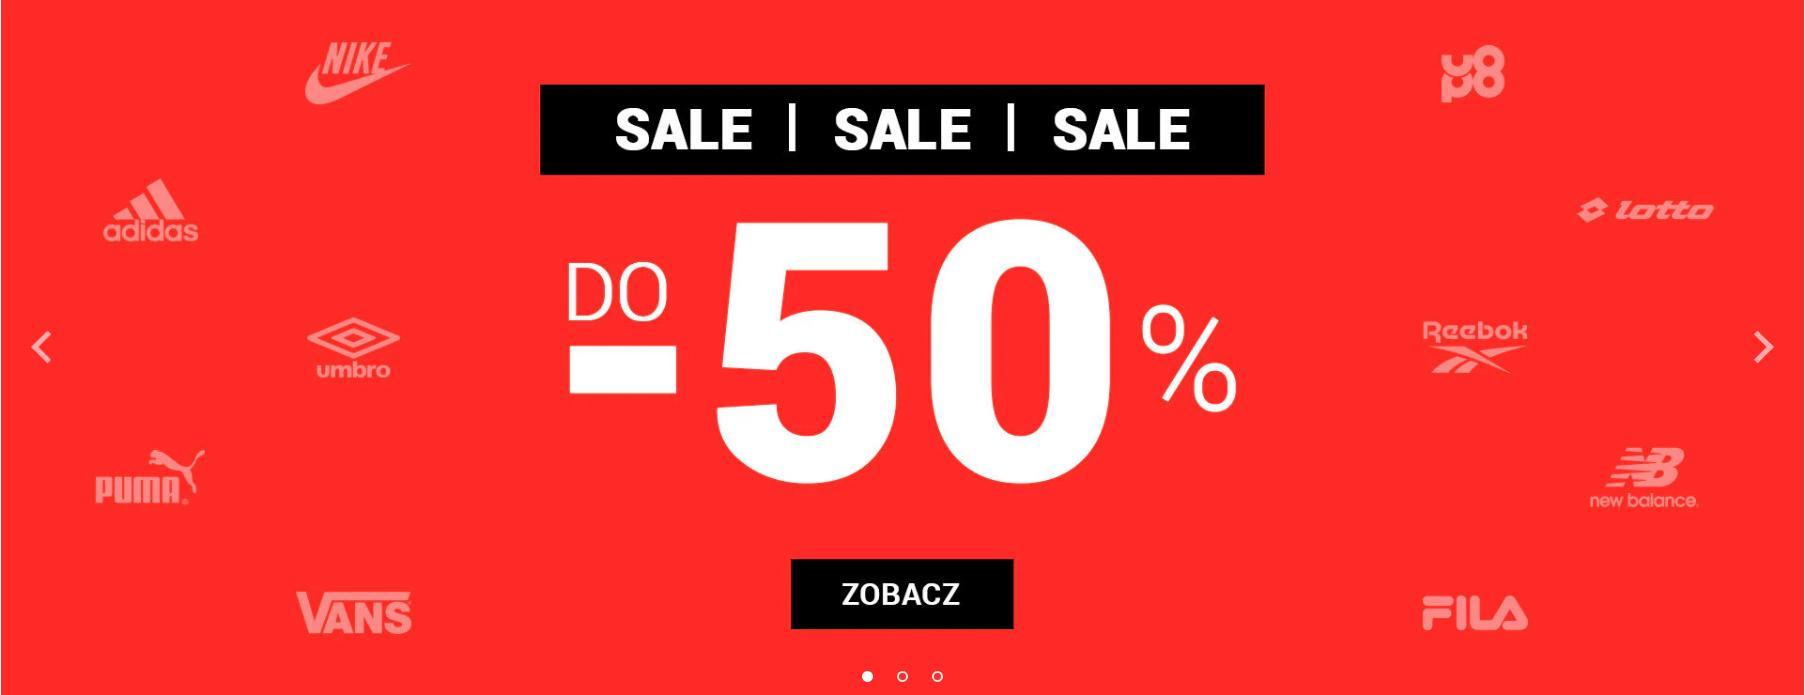 ButySportowe.pl: wyprzedaż do 50% rabatu na buty i odzież sportową